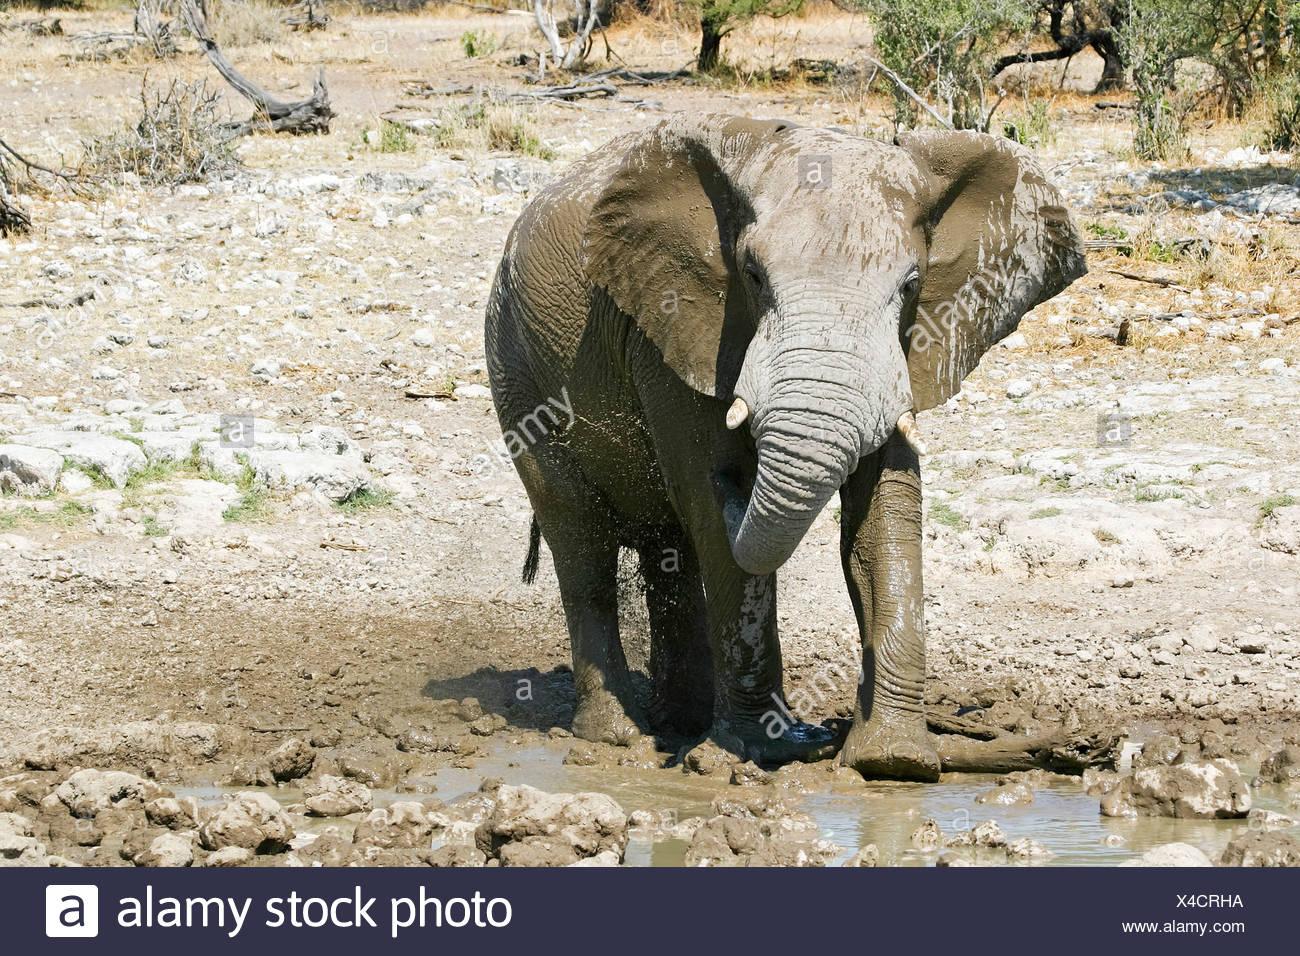 Elephant (Loxodonta africana) at a waterhole in Etosha National Park, Namibia, Africa Stock Photo